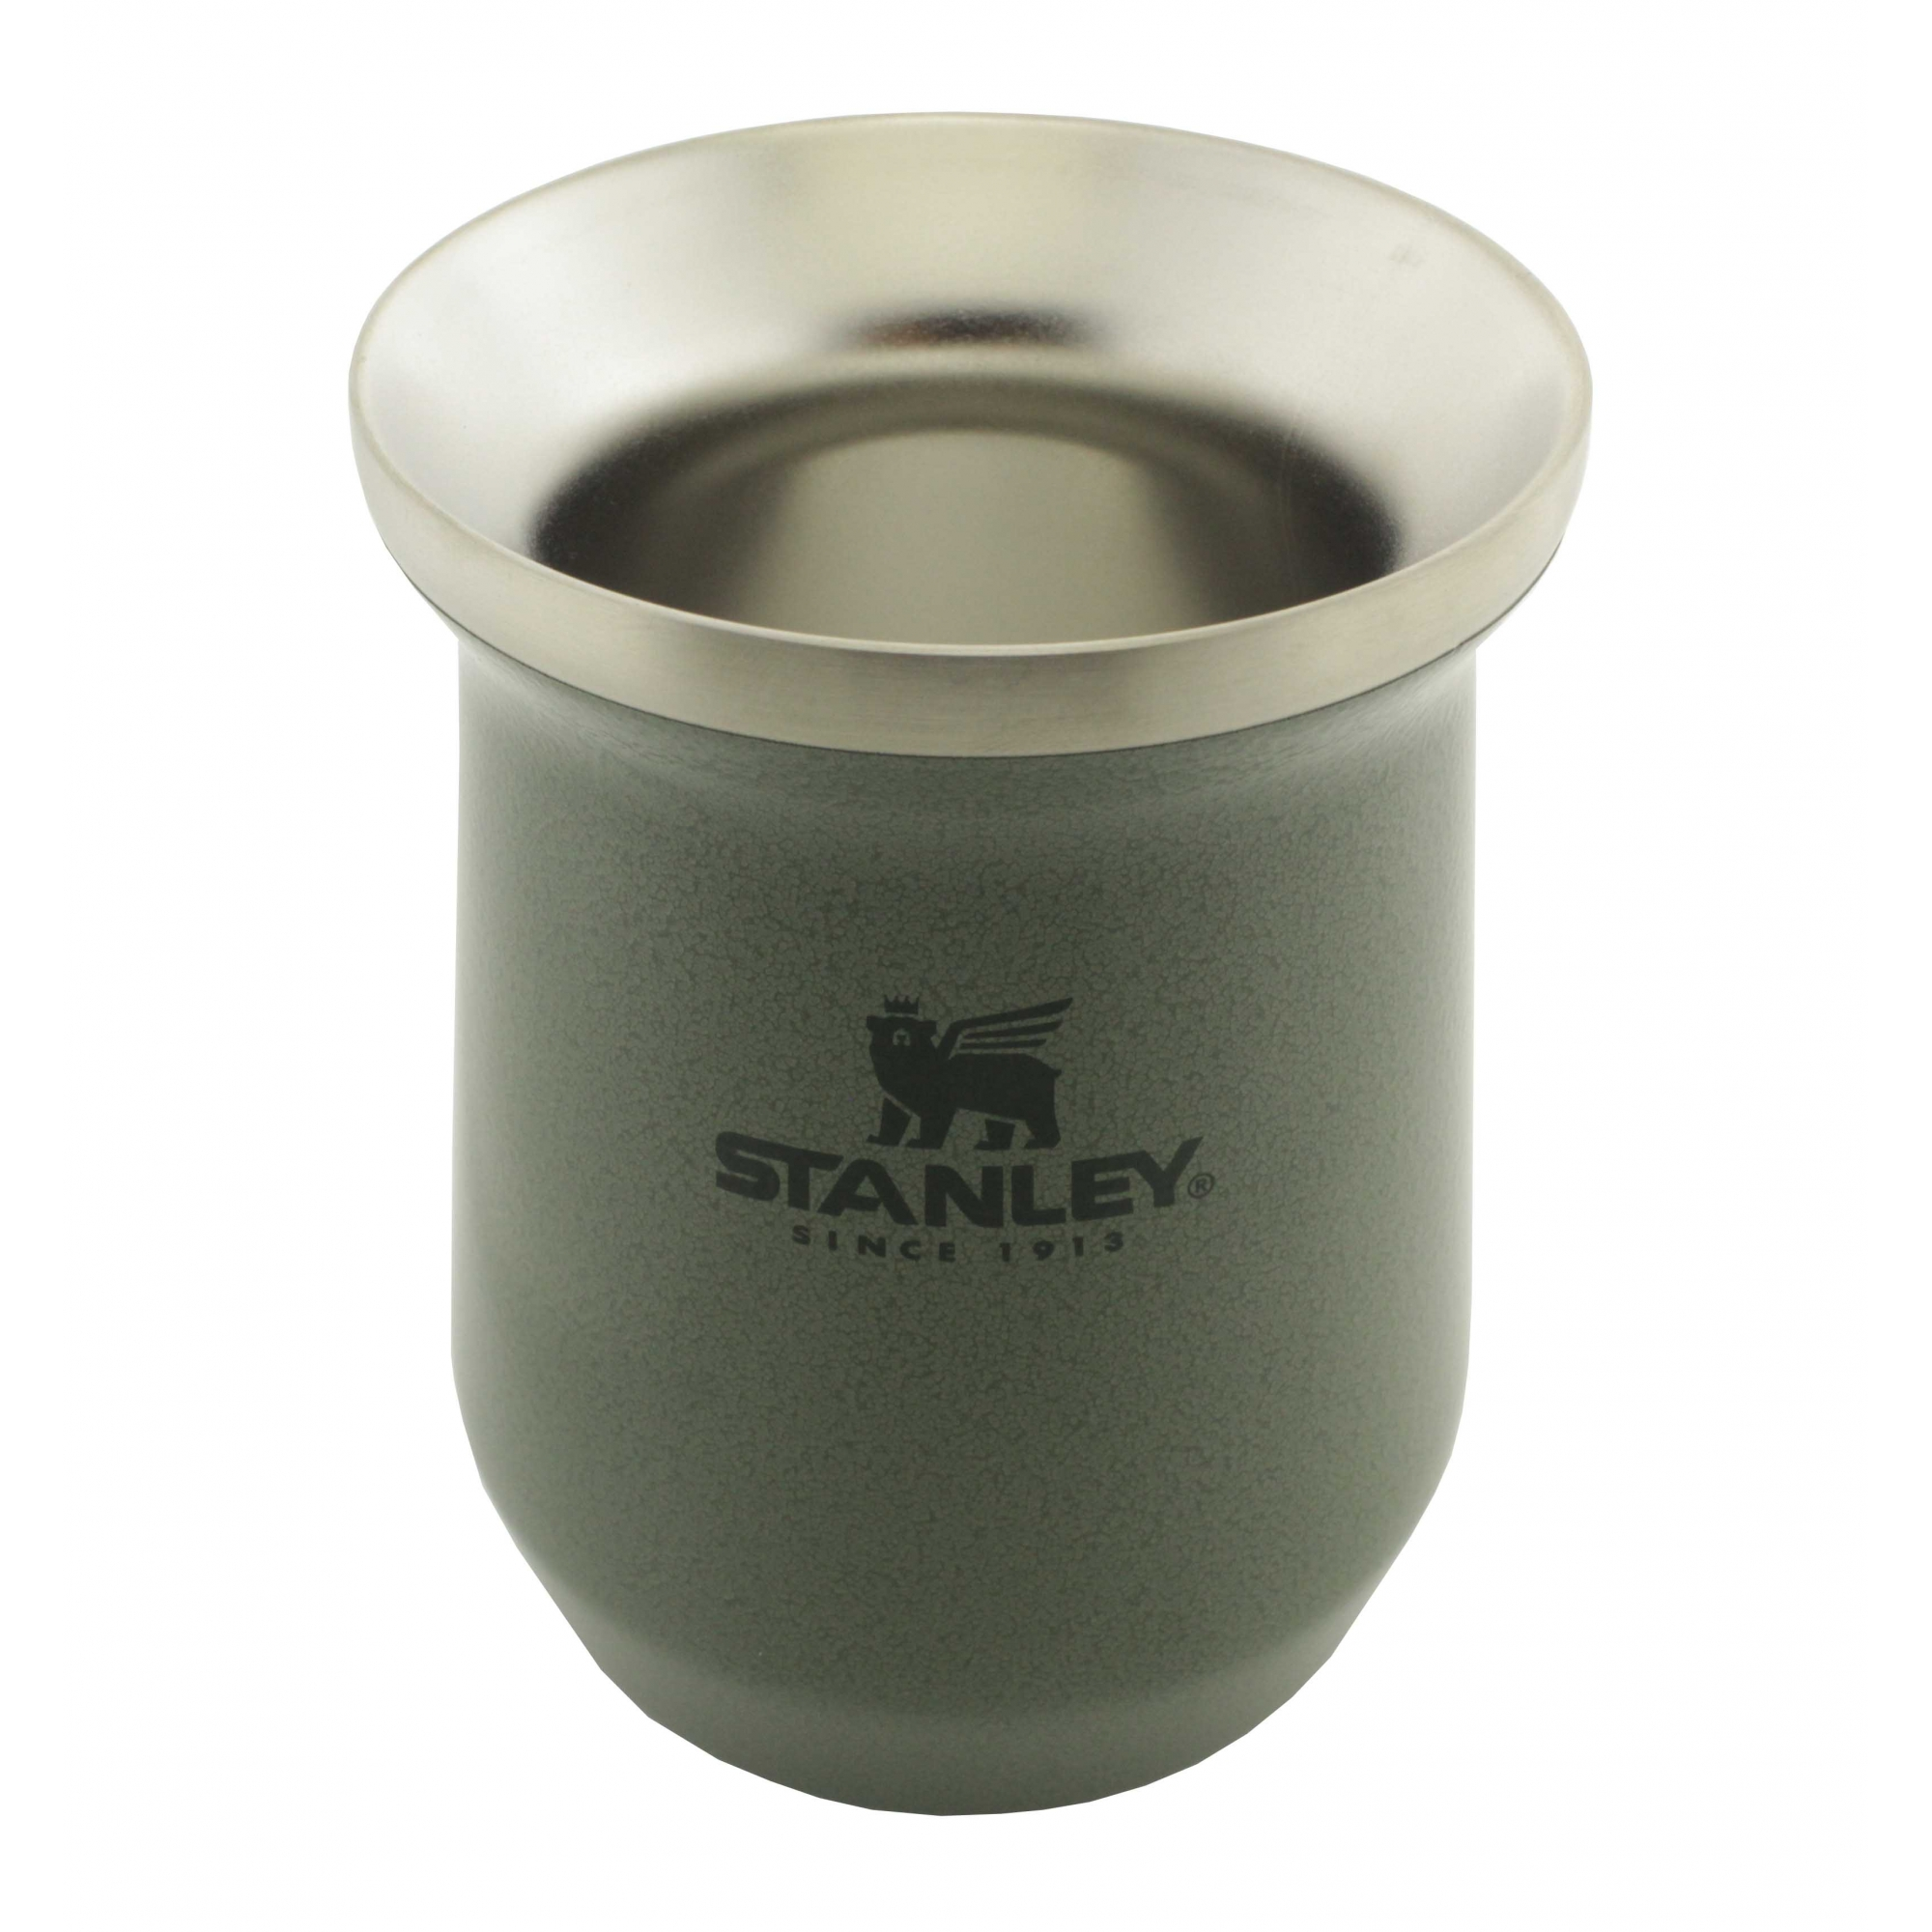 Cuia Térmica Stanley Para Tererê e Chimarrão 236ml ORIGINAL